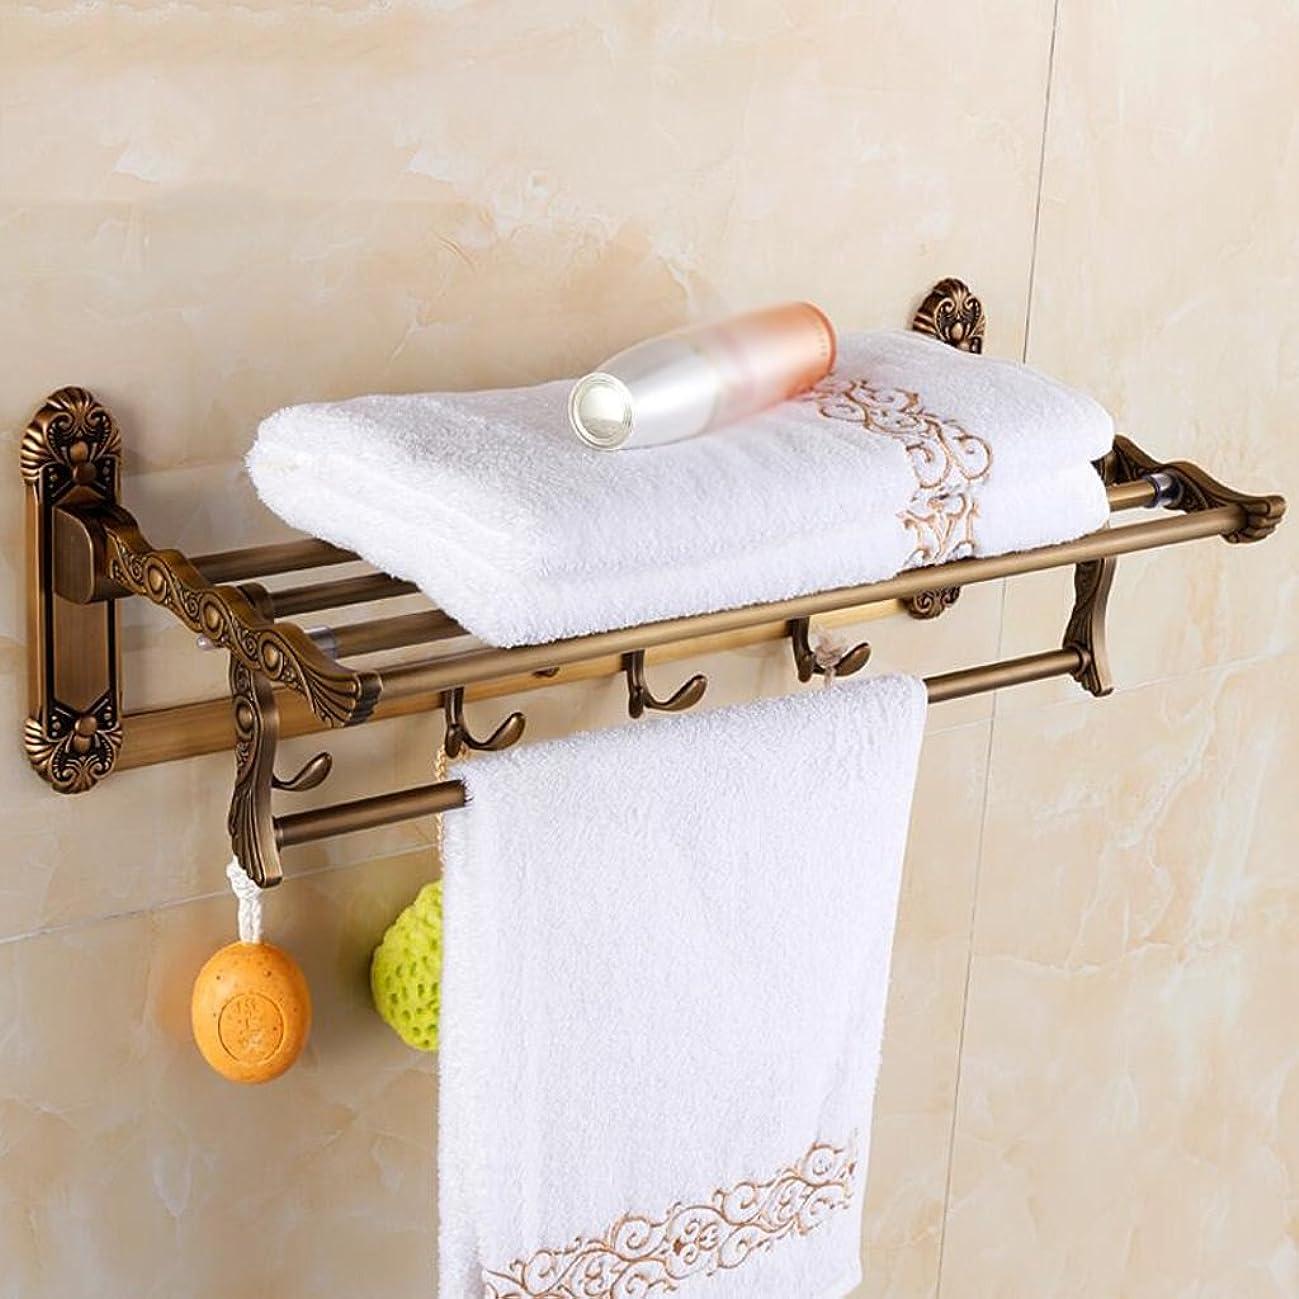 昇進知覚する知り合いタオル掛けタオルスタンド 浴室折りたたみタオルバー壁掛けフックバスタオルラックレトロ彫刻工芸60センチ